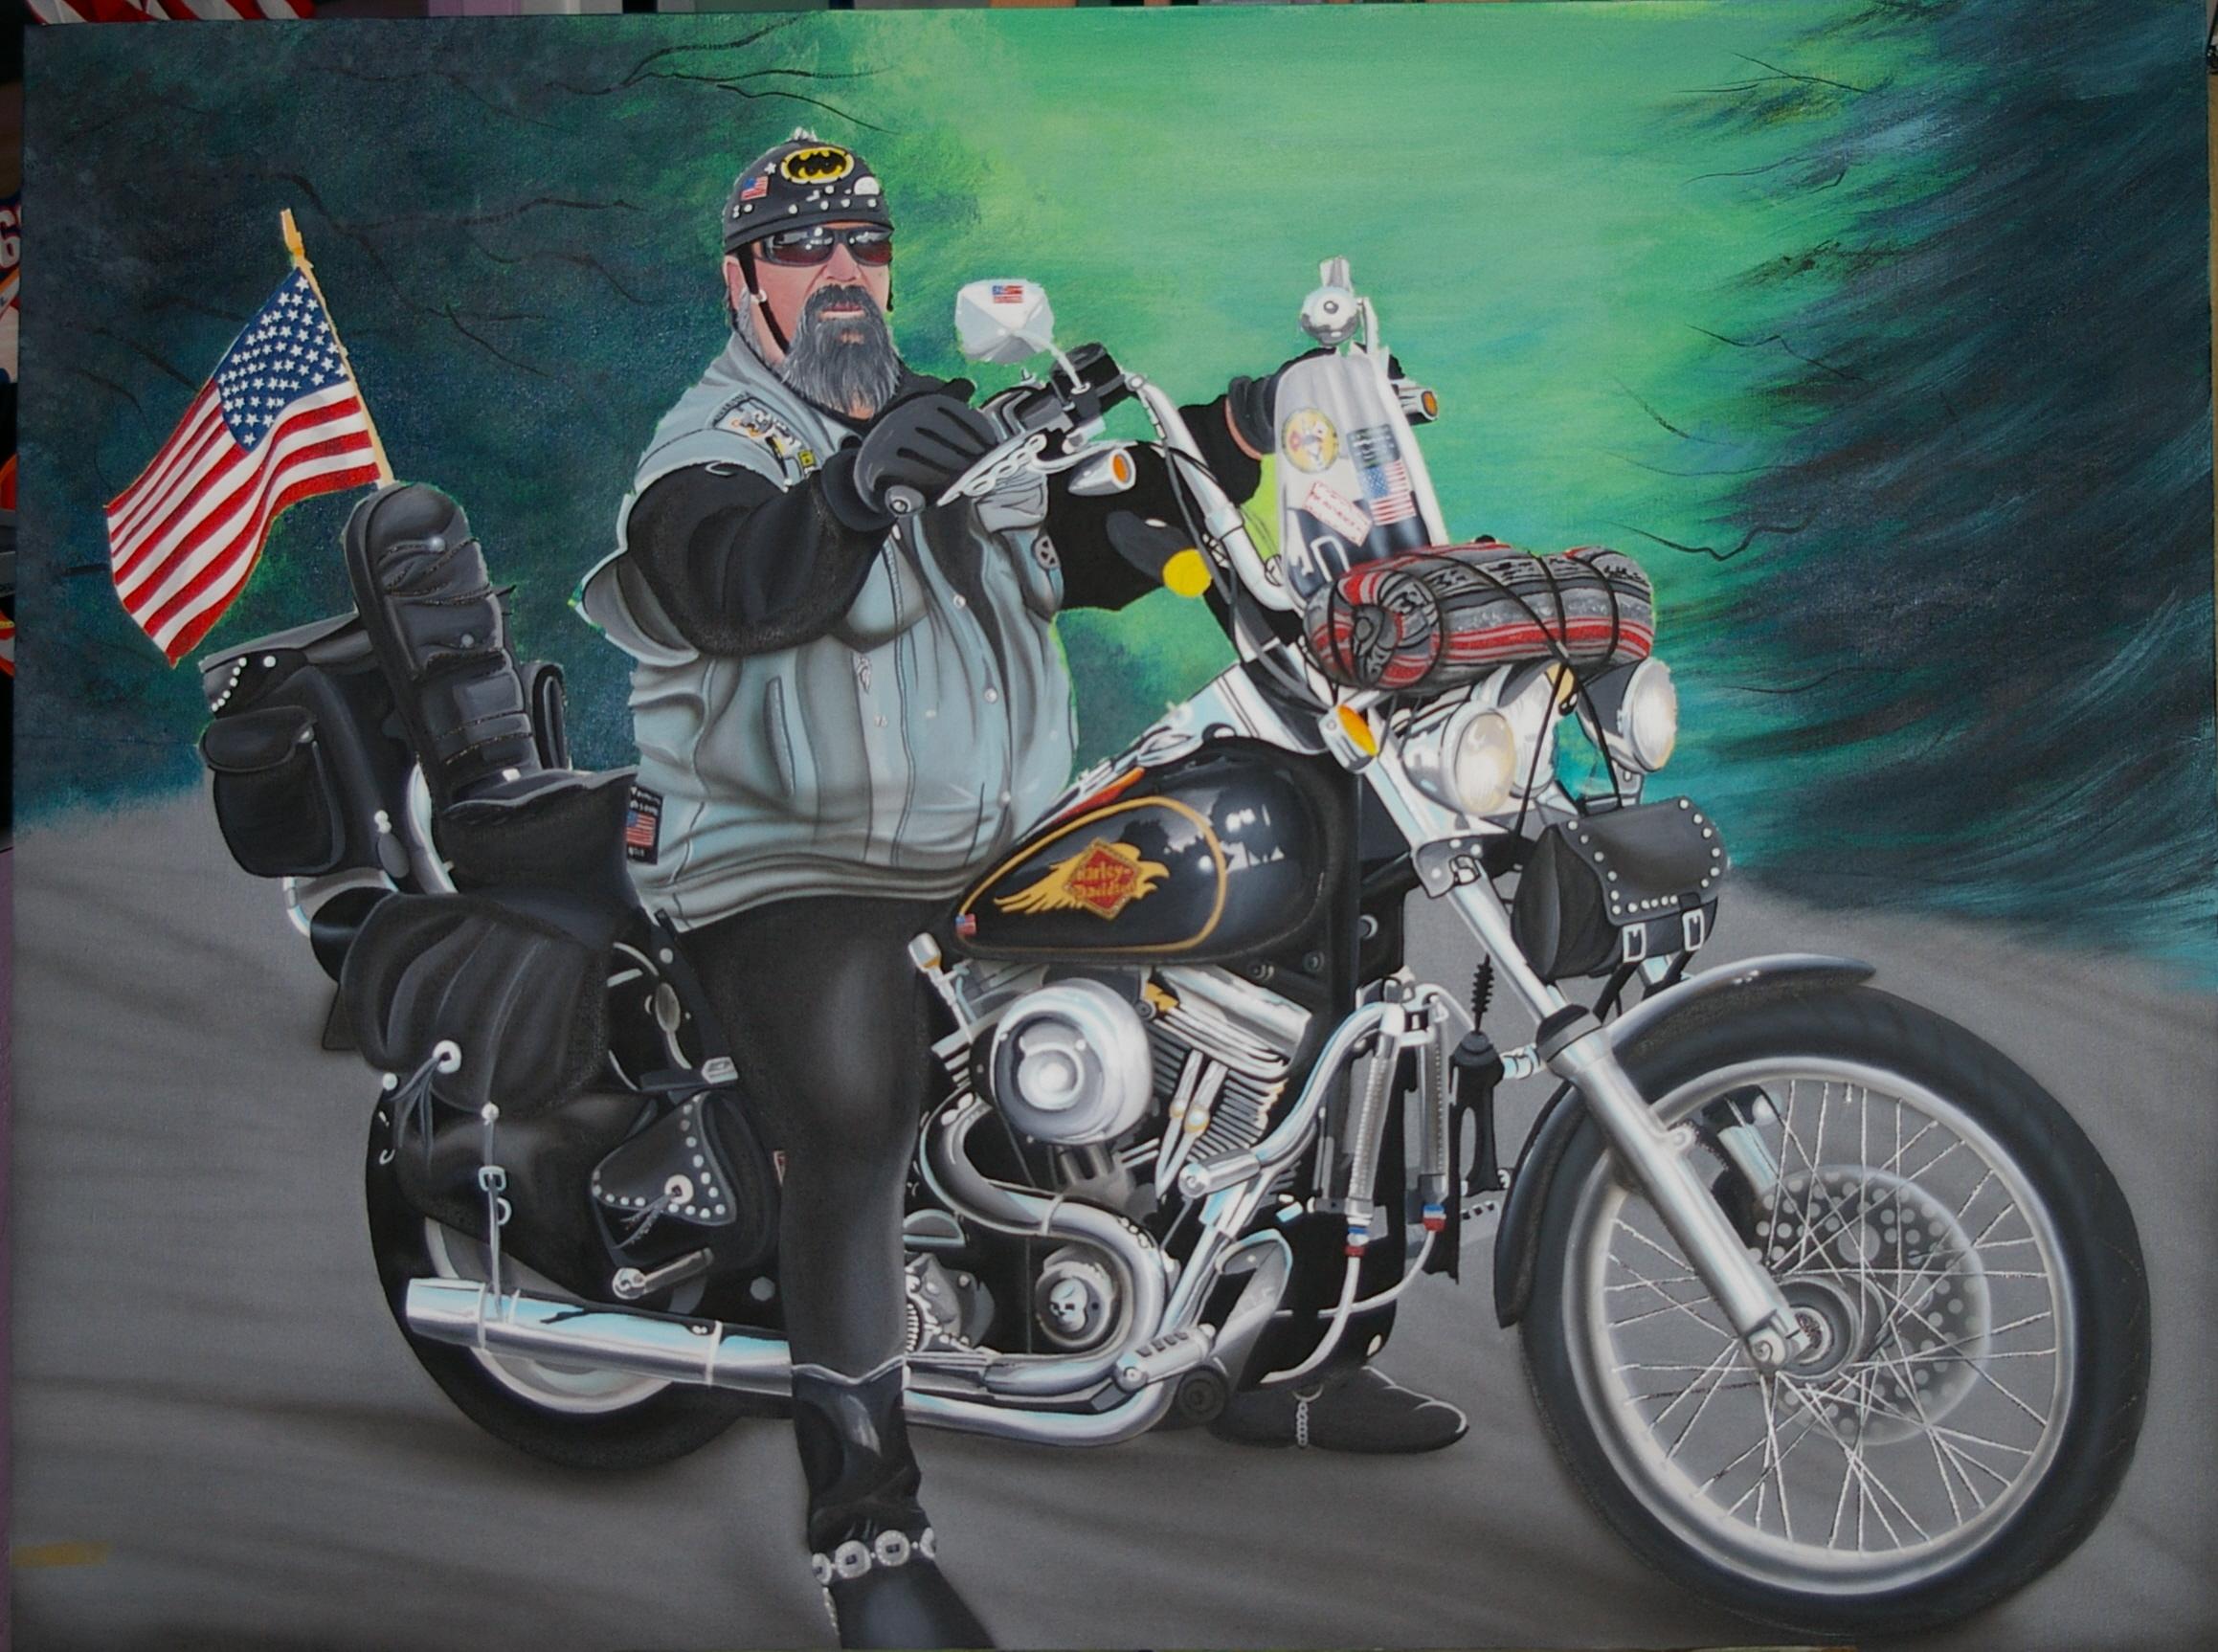 David Mann Motorcycle Art Wallpaper - WallpaperSafari